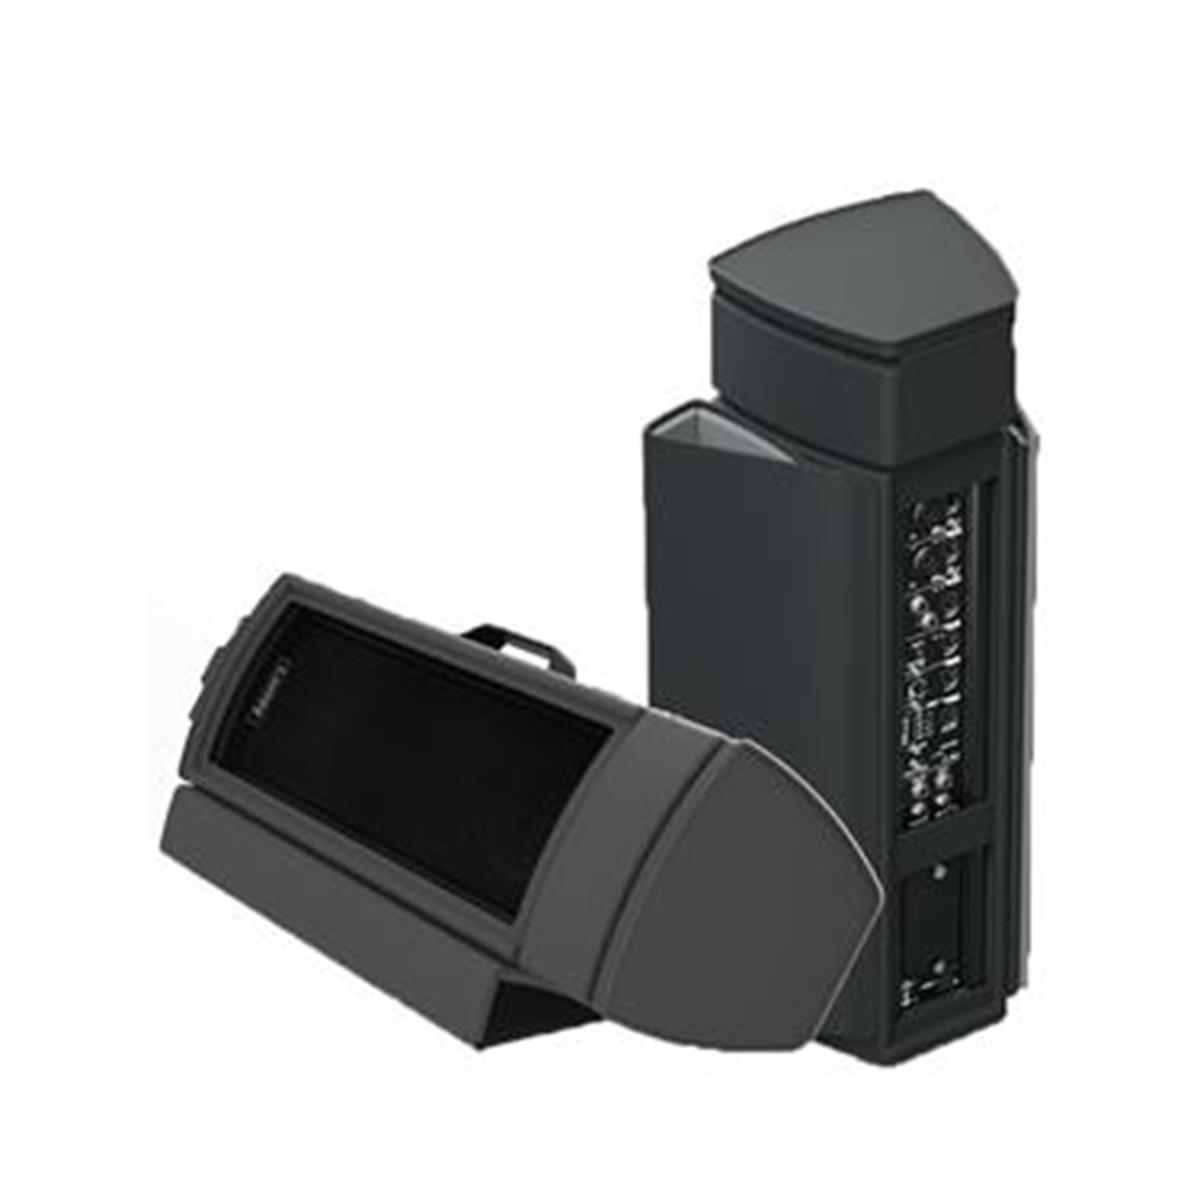 Laney AH4X4 - Diffusore Attivo 4x4 35W - Dj Equipment Casse e Monitor - Diffusori Attivi